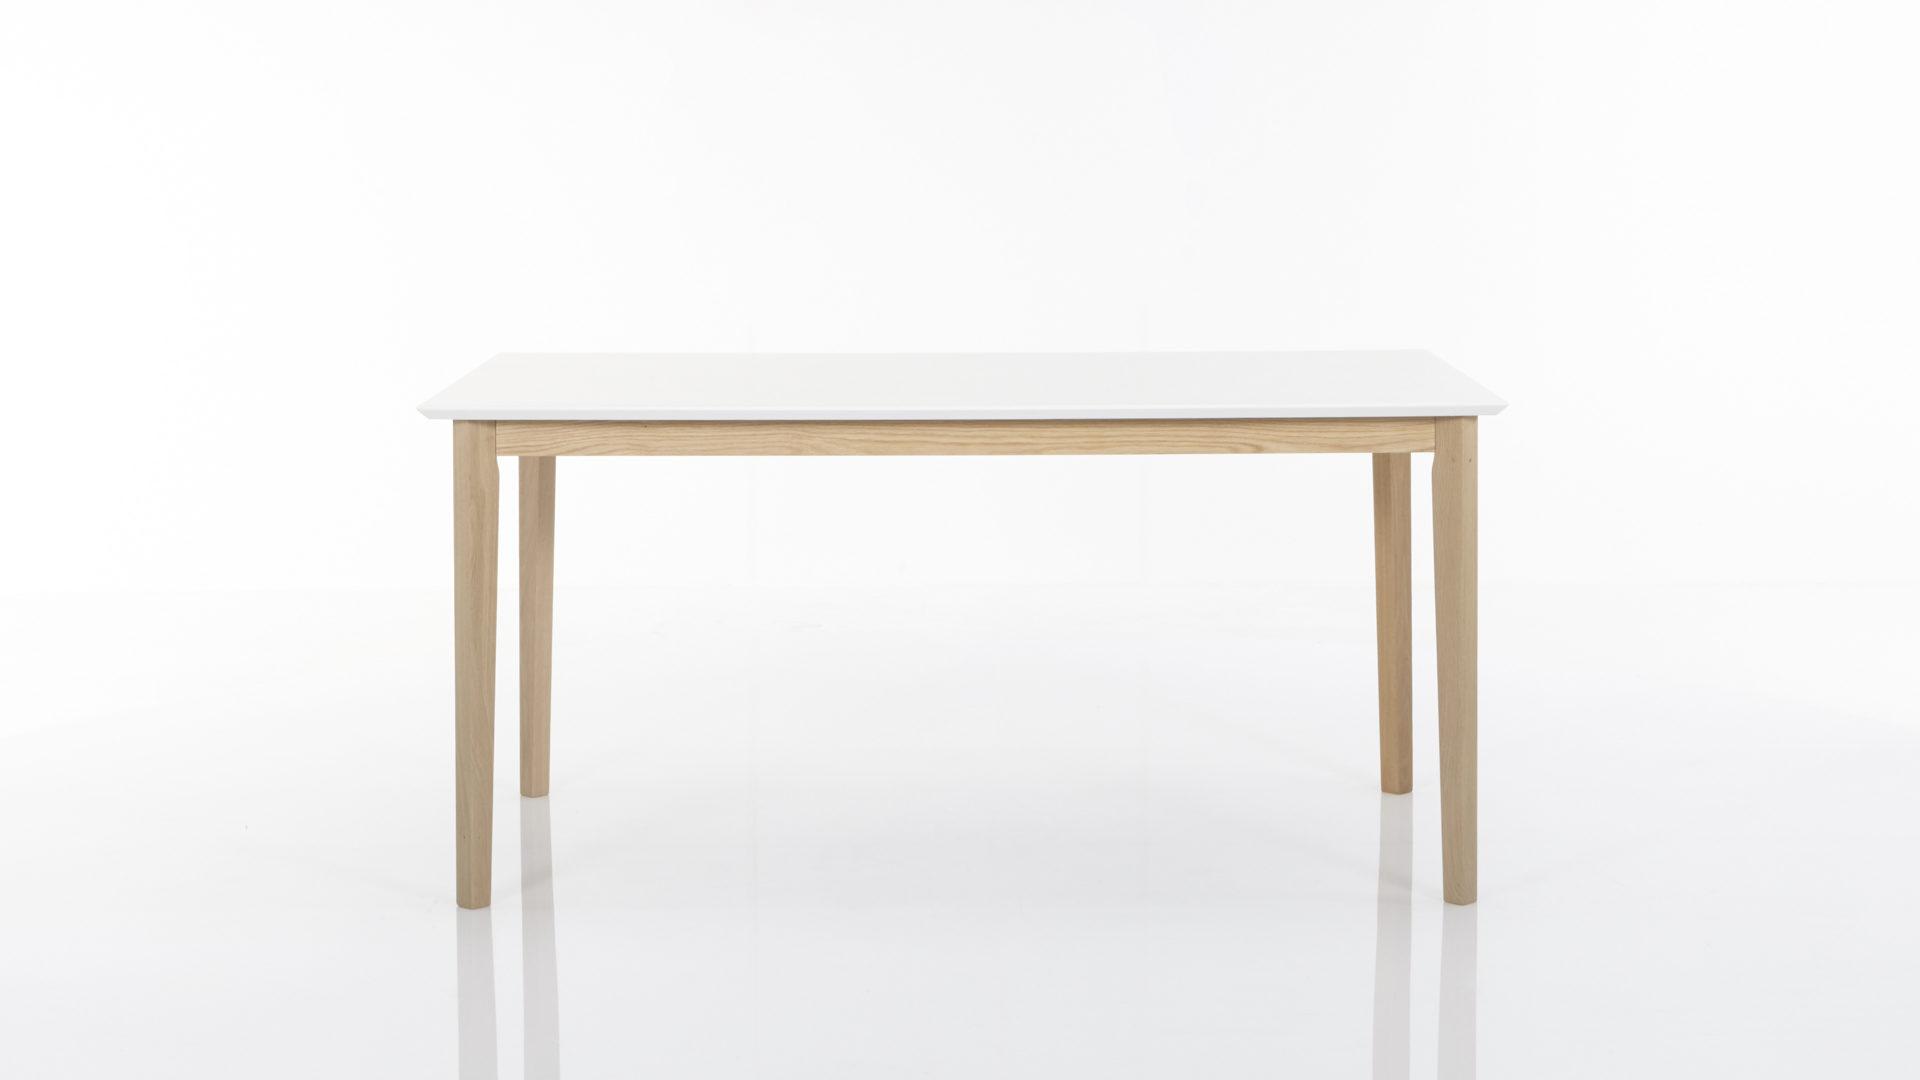 Tisch Esstisch LUCCA 120 x 80 cm Birke massiv weiss